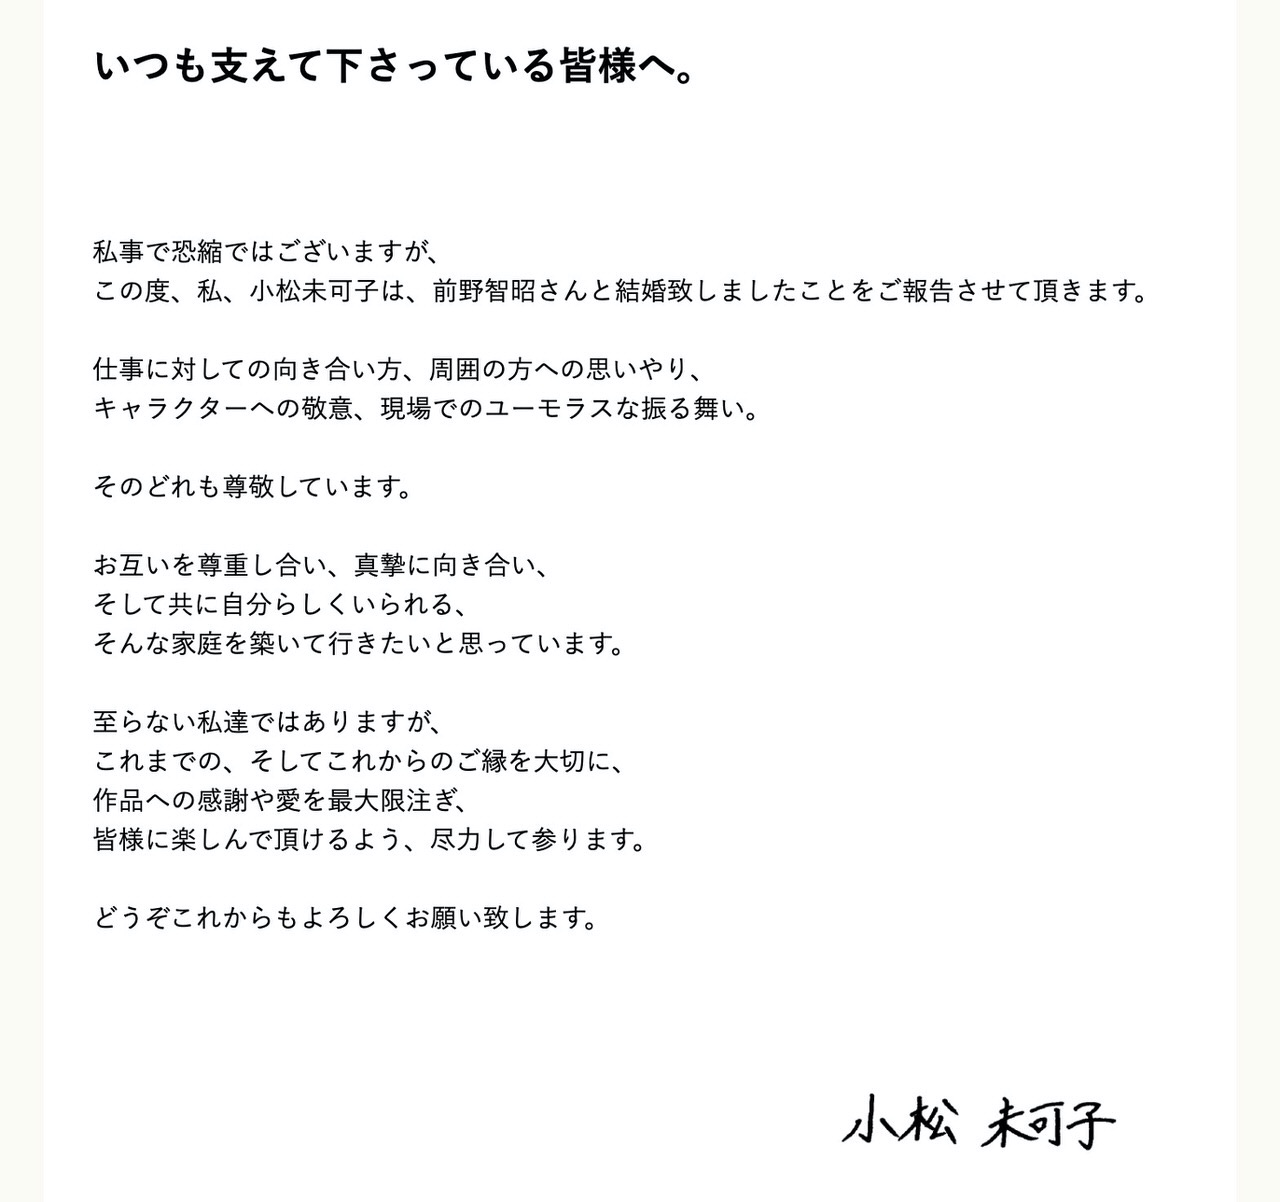 声優の小松未可子と前野智昭が結婚